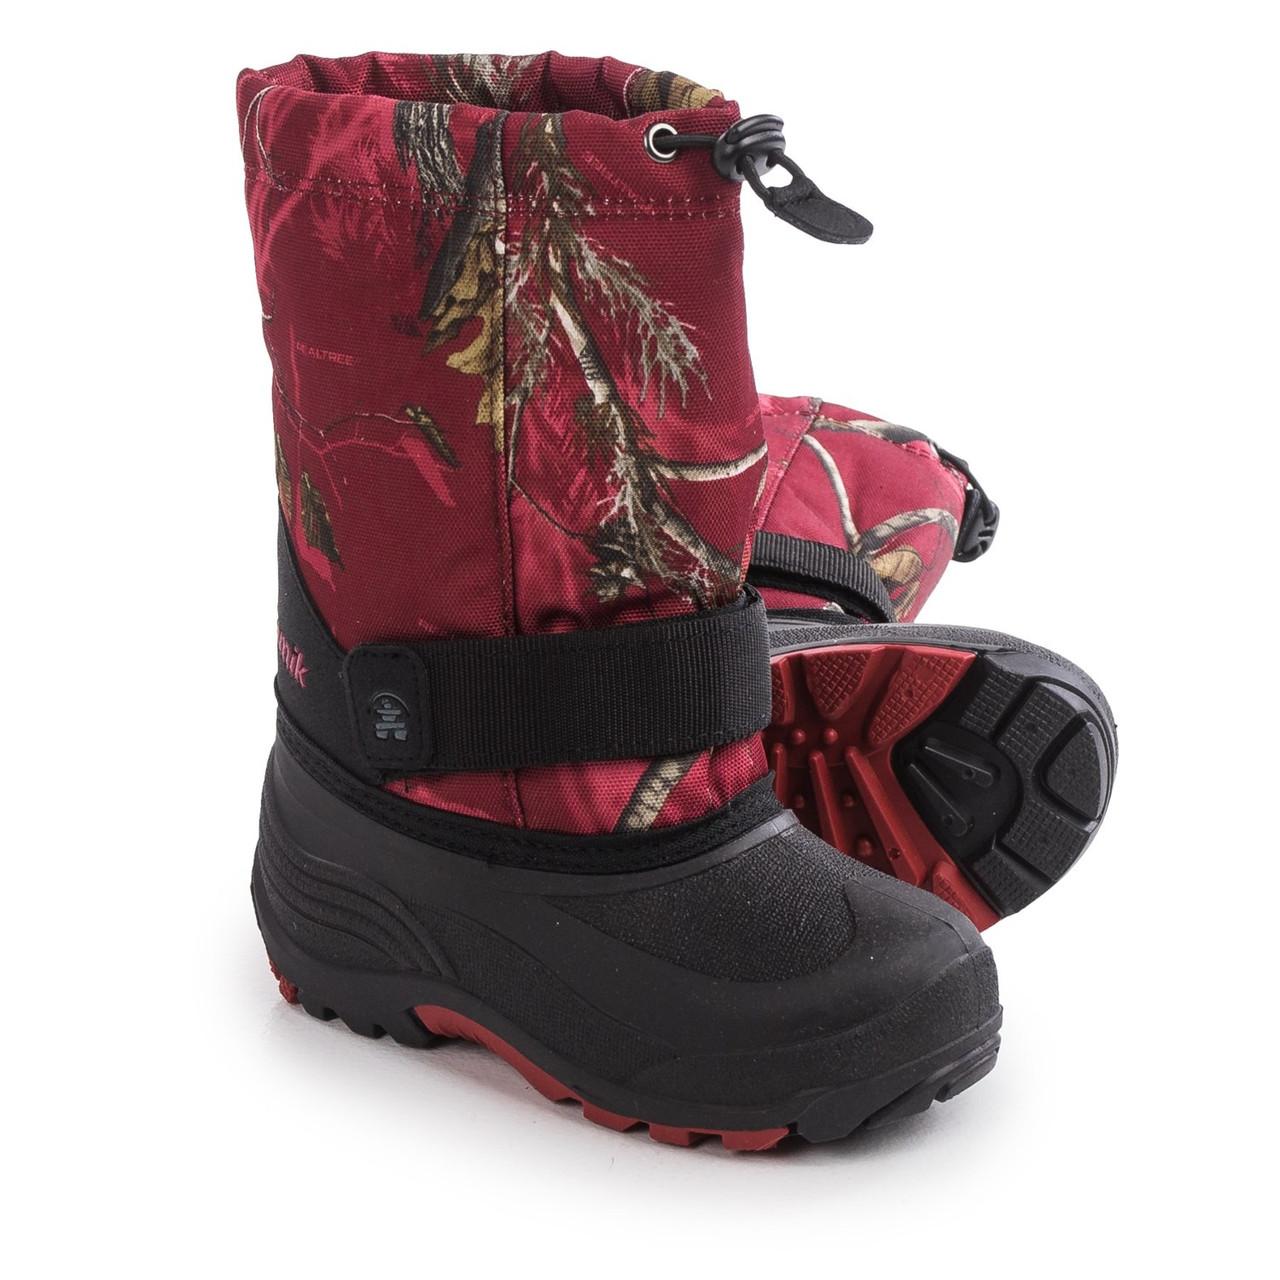 7a60a2754 Детские Зимние ботинки Kamik Rocket размер 28 - Интернет-магазин